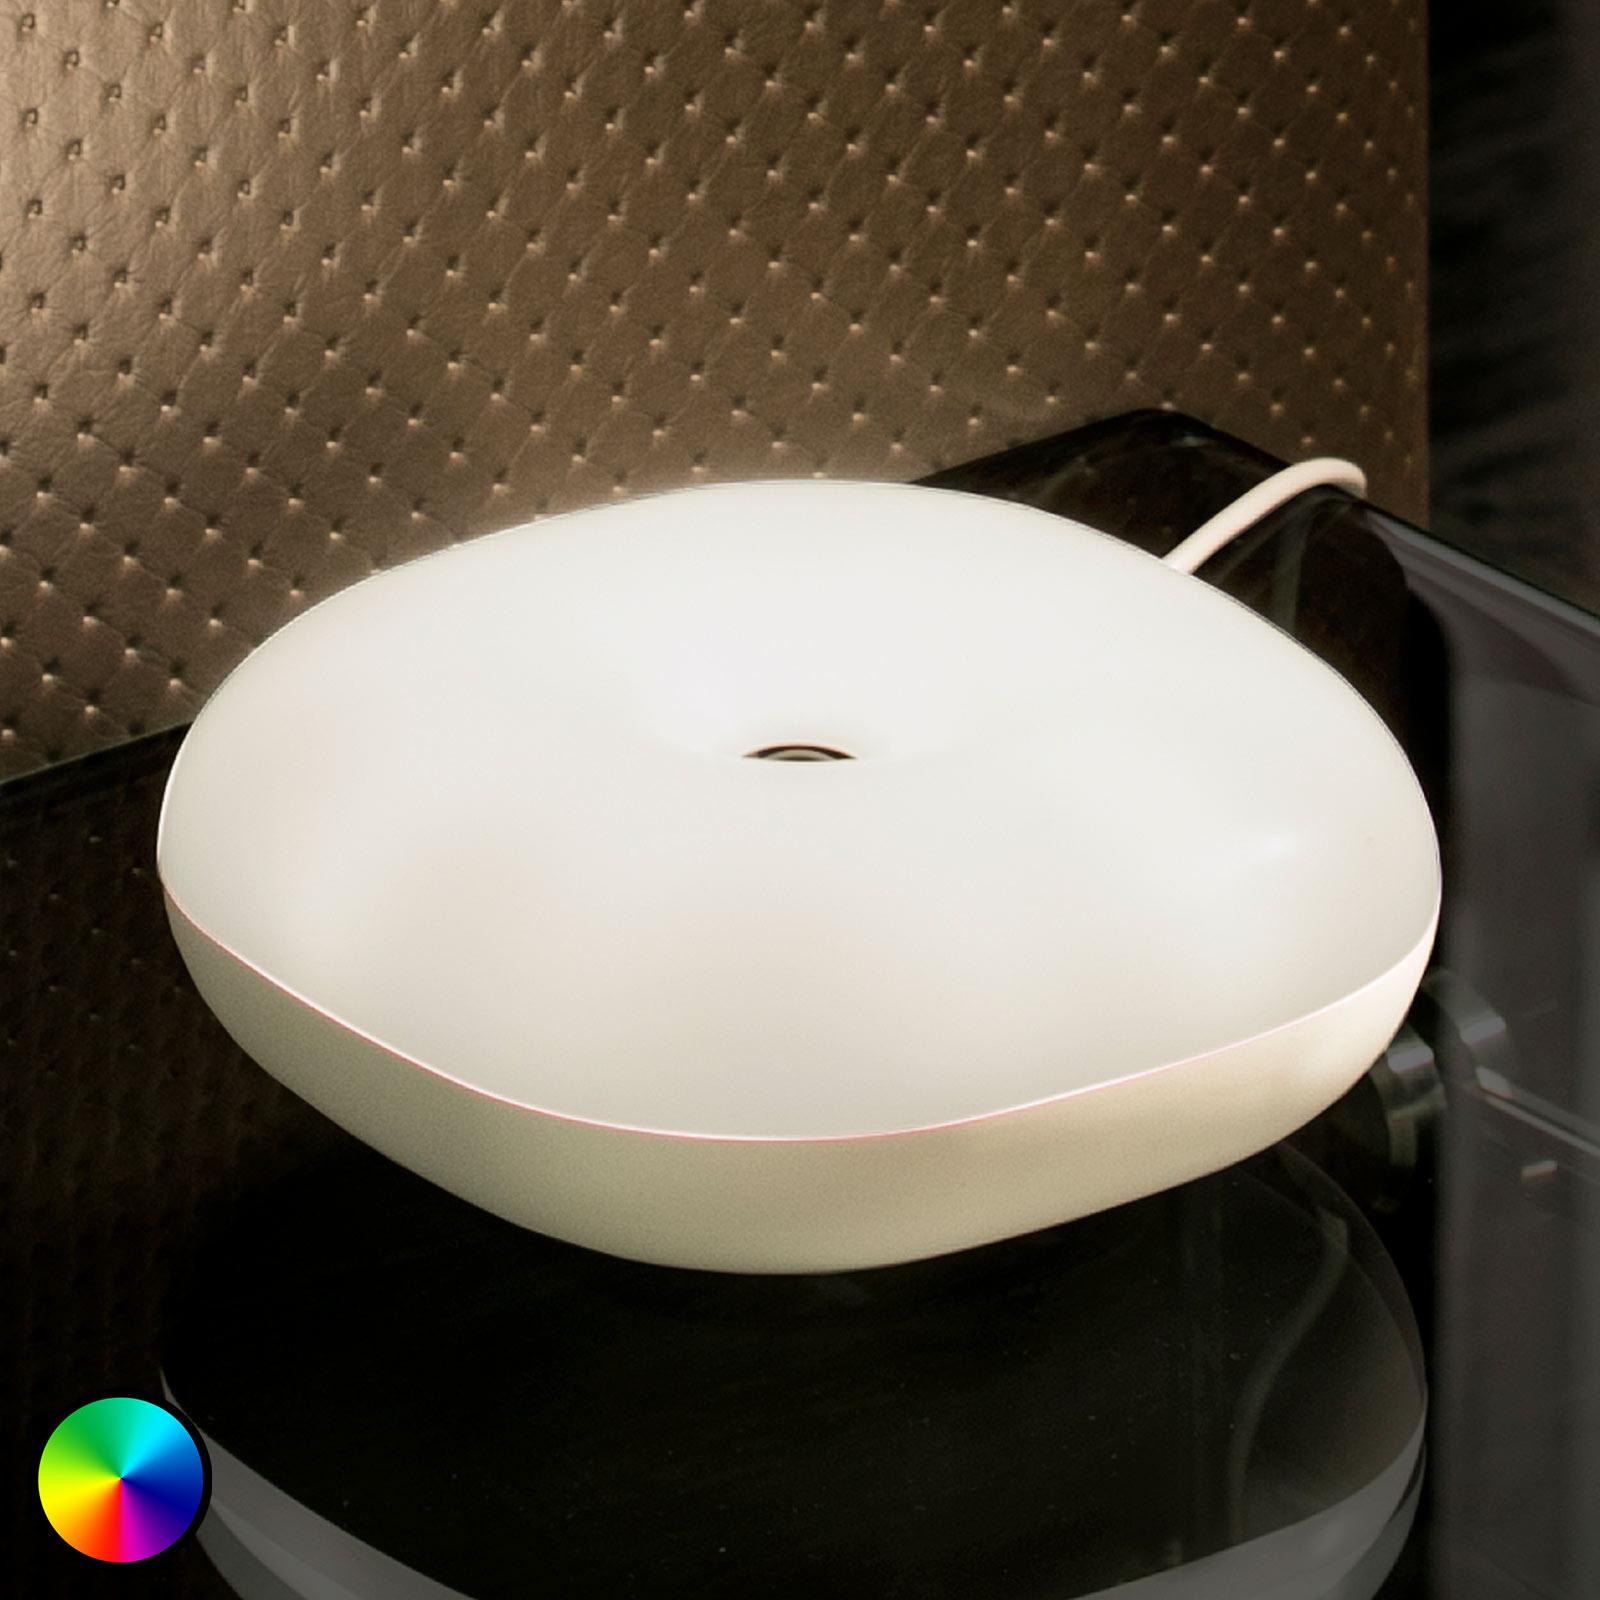 Lampa stołowa Move ze złączem USB sterowana gestem